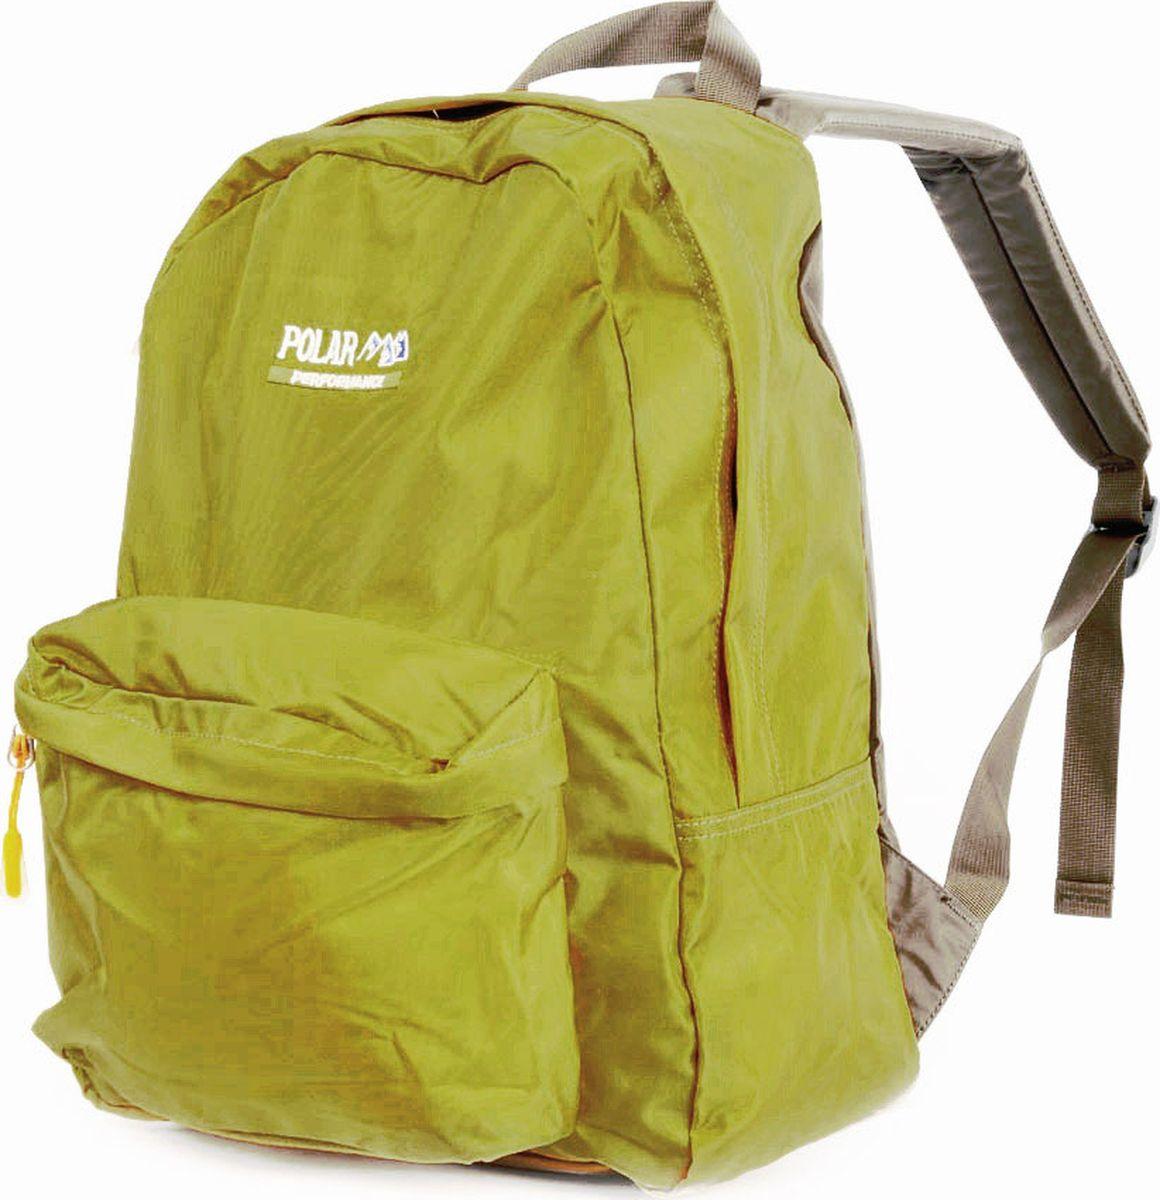 Рюкзак городской Polar, цвет: желтый, 27,5 л. П1611-03П1611-03Легкий городской рюкзак Polar подойдет для ежедневного использования. Выполнен из полиэстера. Рюкзак имеет одно основное отделение, которое закрывается на молнию. Спереди - накладной карман на молнии. Спинка и лямки рюкзака пропенены.